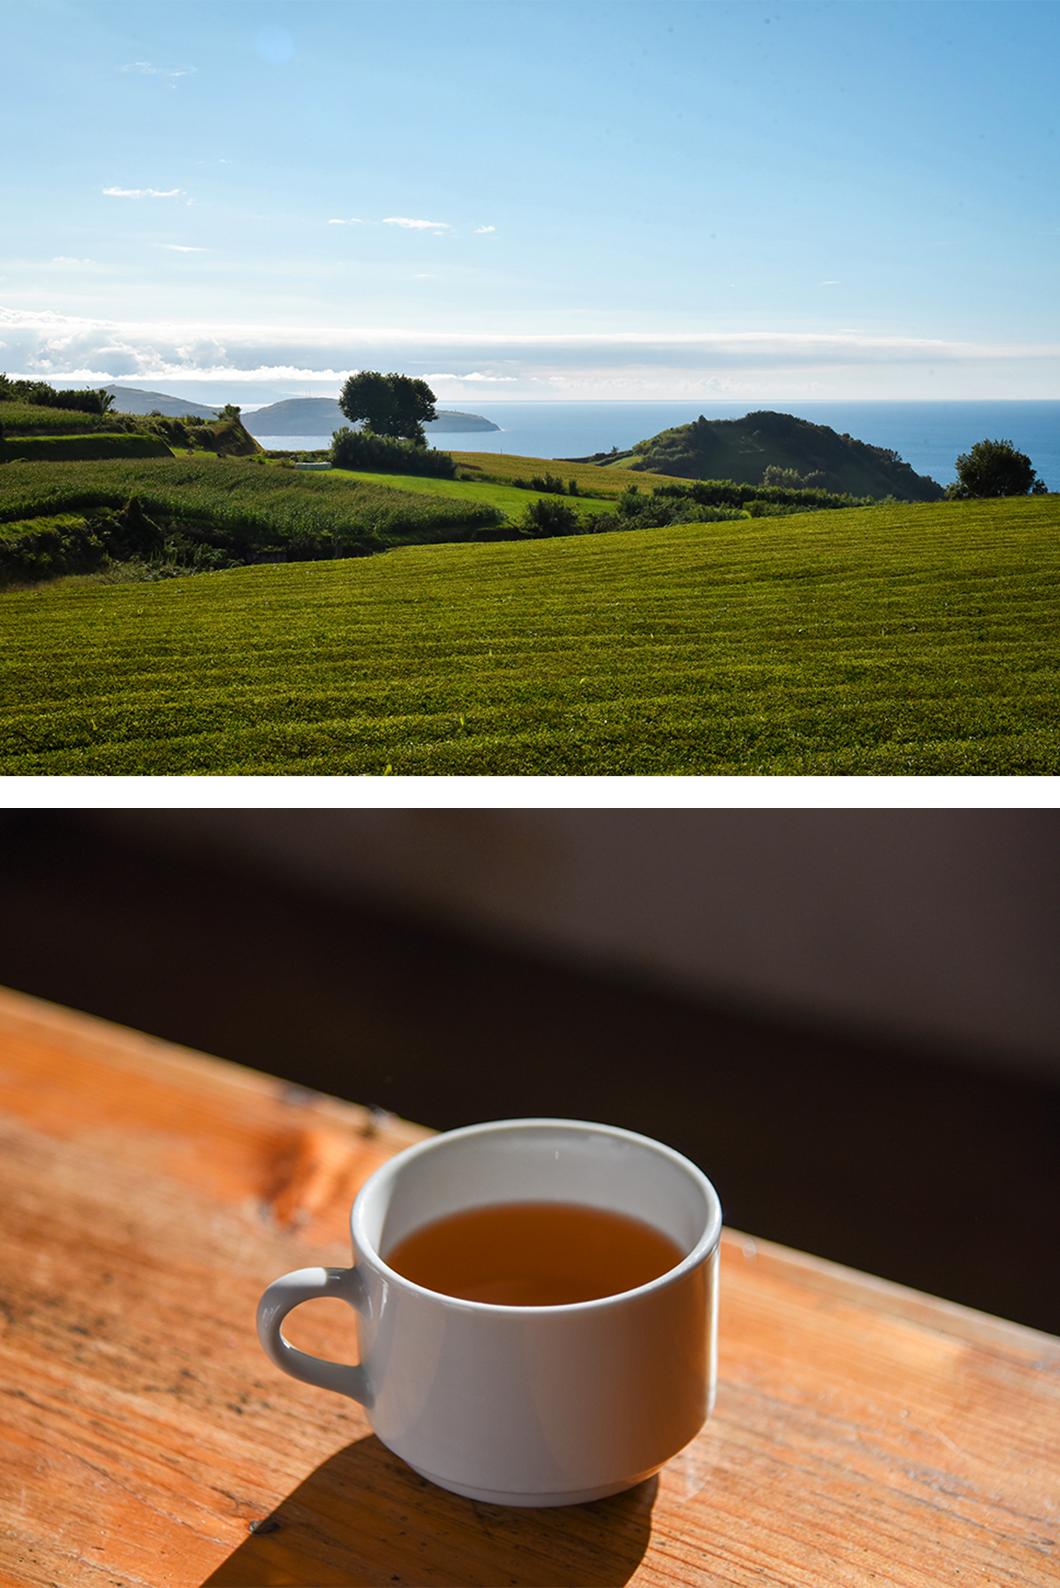 Dégustation gratuite de thé gratuité à la fabrique Gorreana